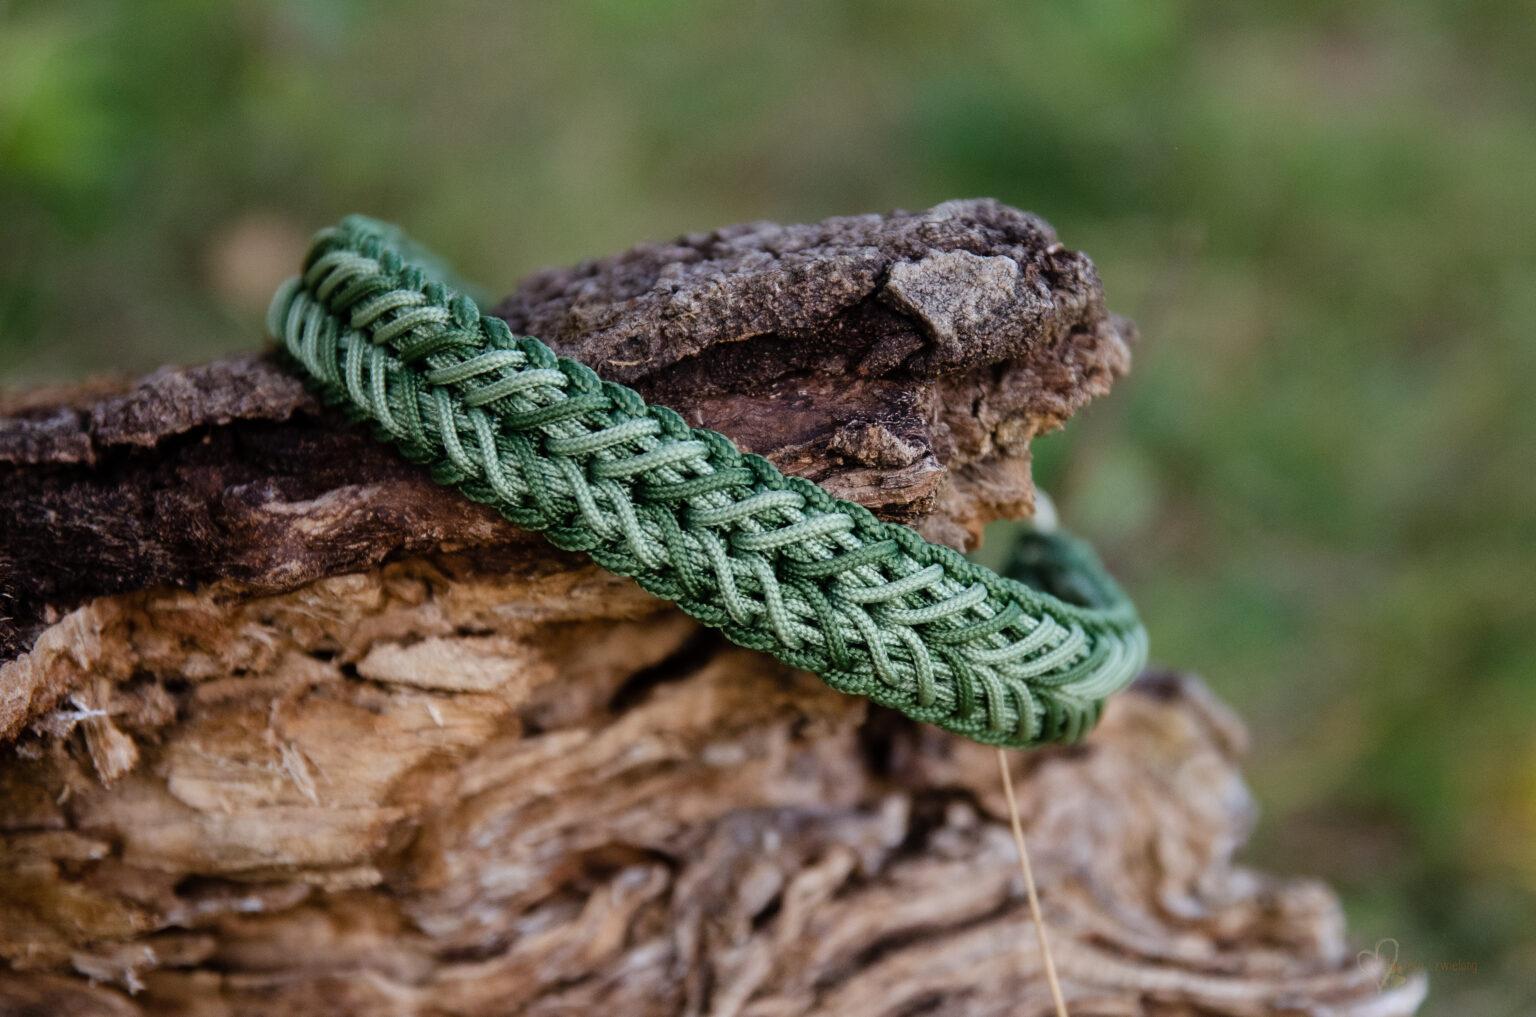 Das Halsband unseres Bruno-Bären ist eine schöne Kombination aus hellen und dunklen Grüntönen.